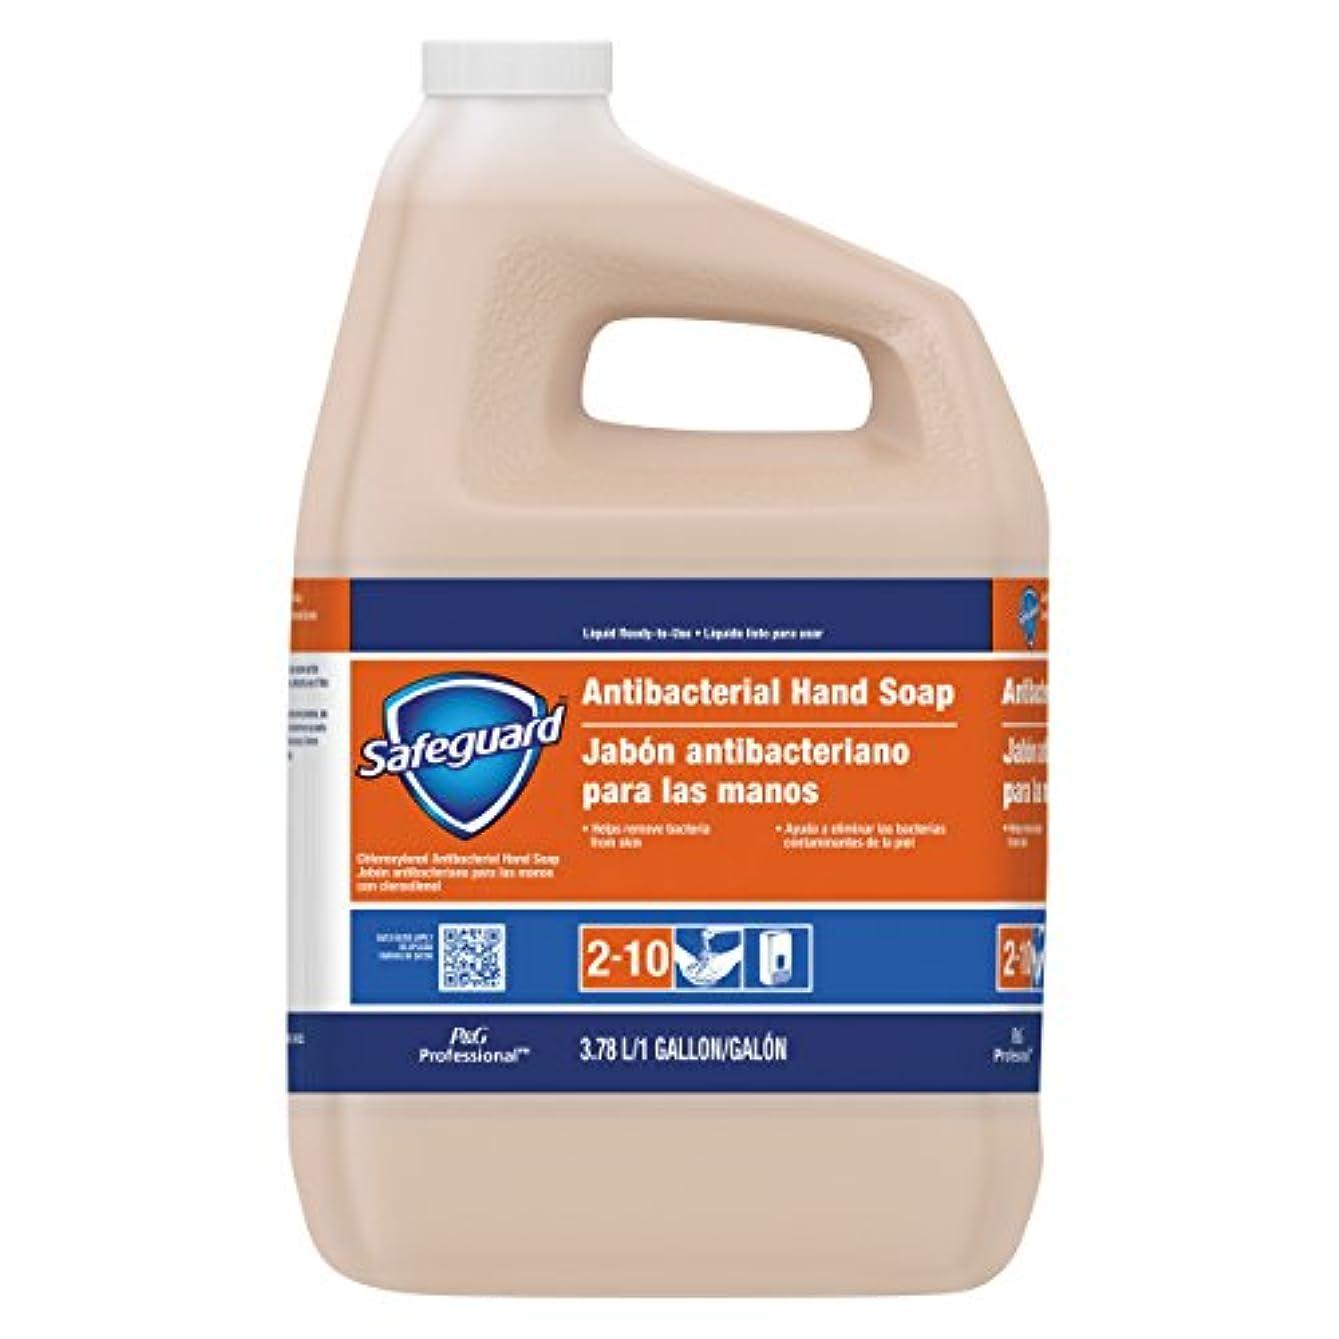 締め切り百科事典発生するSafeguard抗菌Liquid Hand Soap , 1 galボトル、2 /カートン